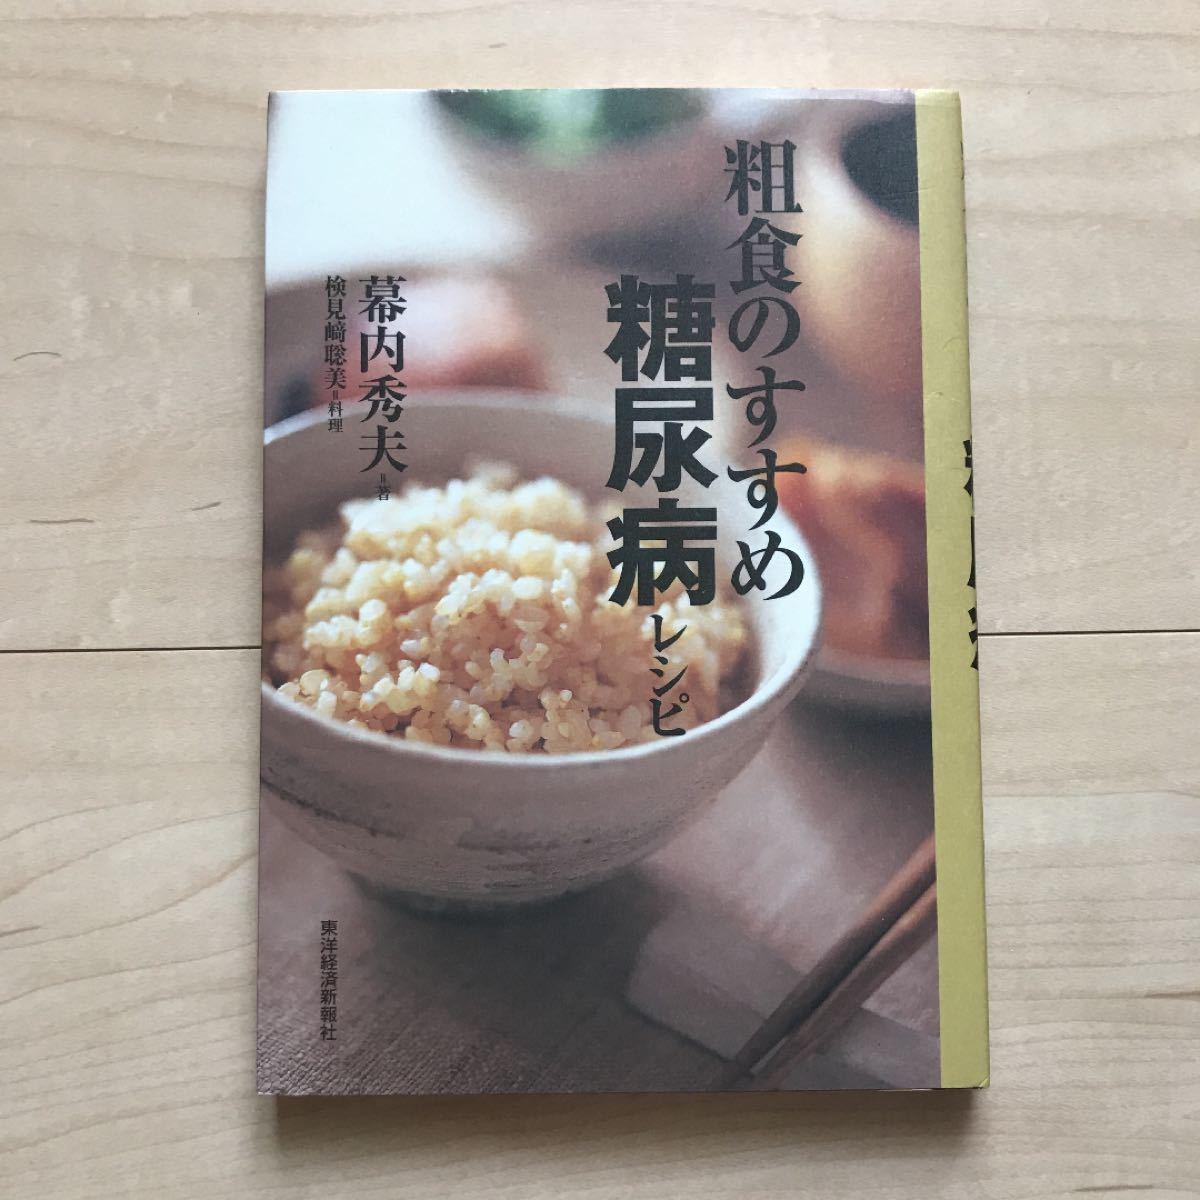 【中古】粗食のすすめ 糖尿病レシピ